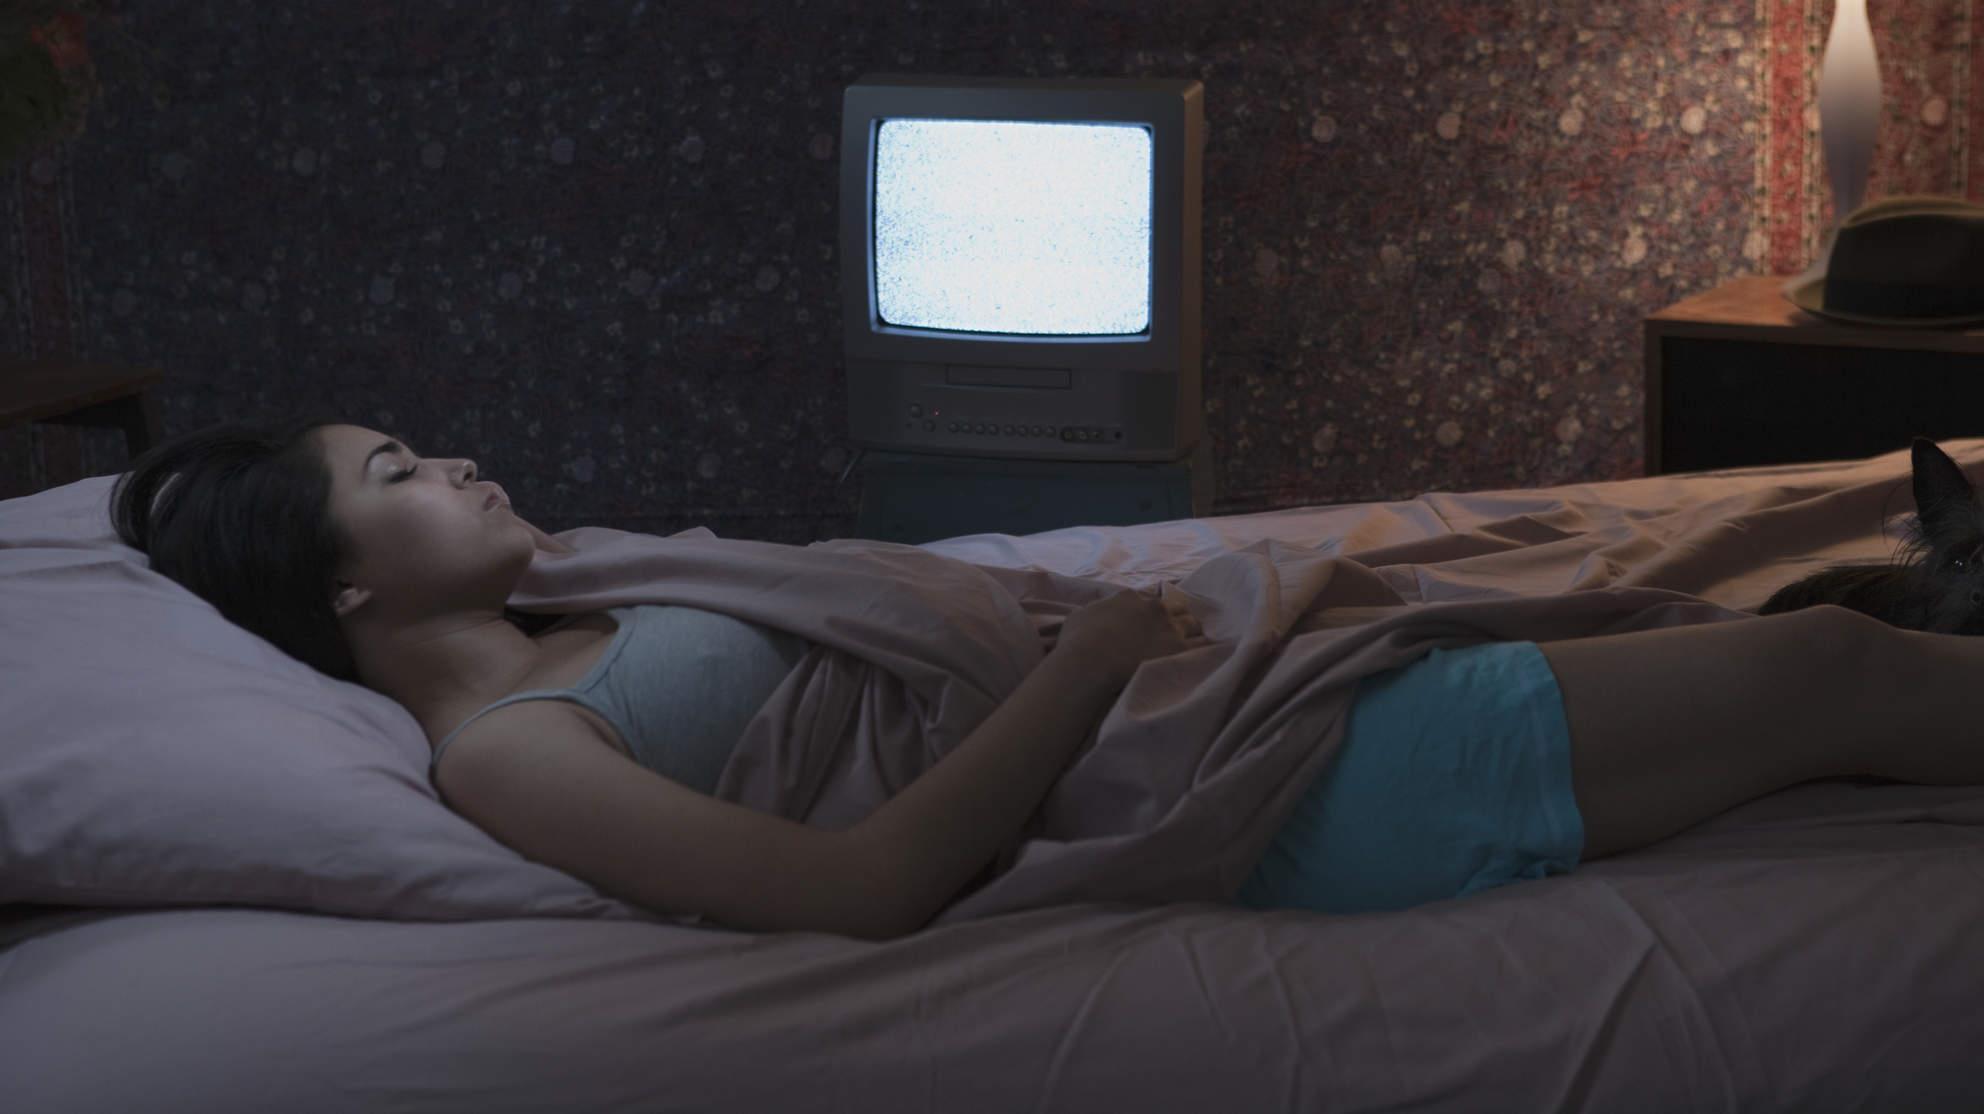 Sửa ngay những thói quen khi ngủ gây hại cho sức khỏe mà nhiều người thường làm mỗi đêm - Ảnh 5.